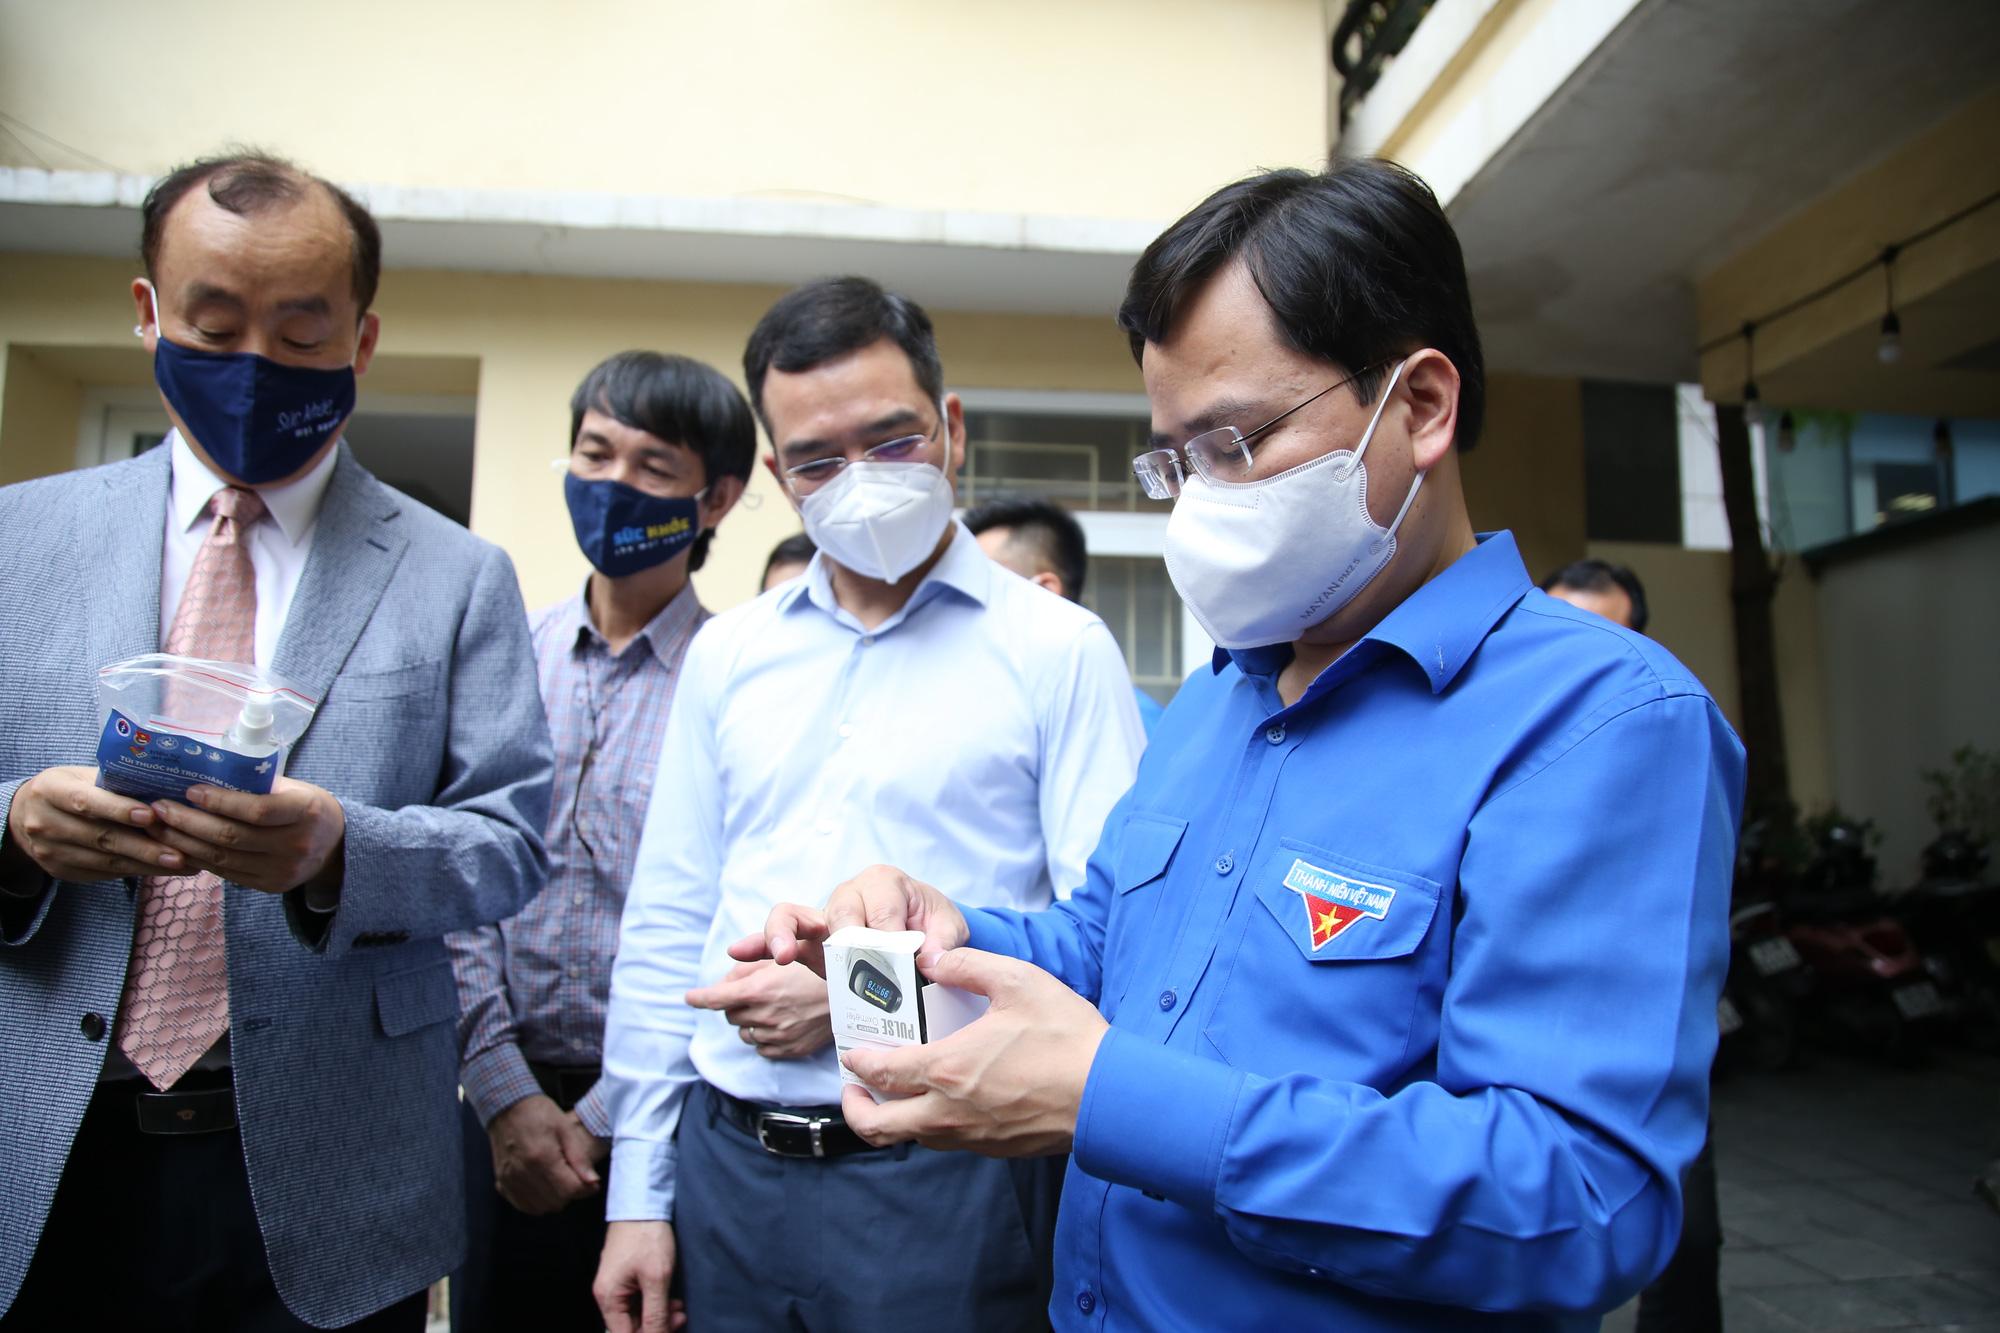 Hội Thầy thuốc trẻ, đại diện WHO tại Việt Nam xuống bếp làm bánh trung thu tặng tuyến đầu chống dịch - Ảnh 12.